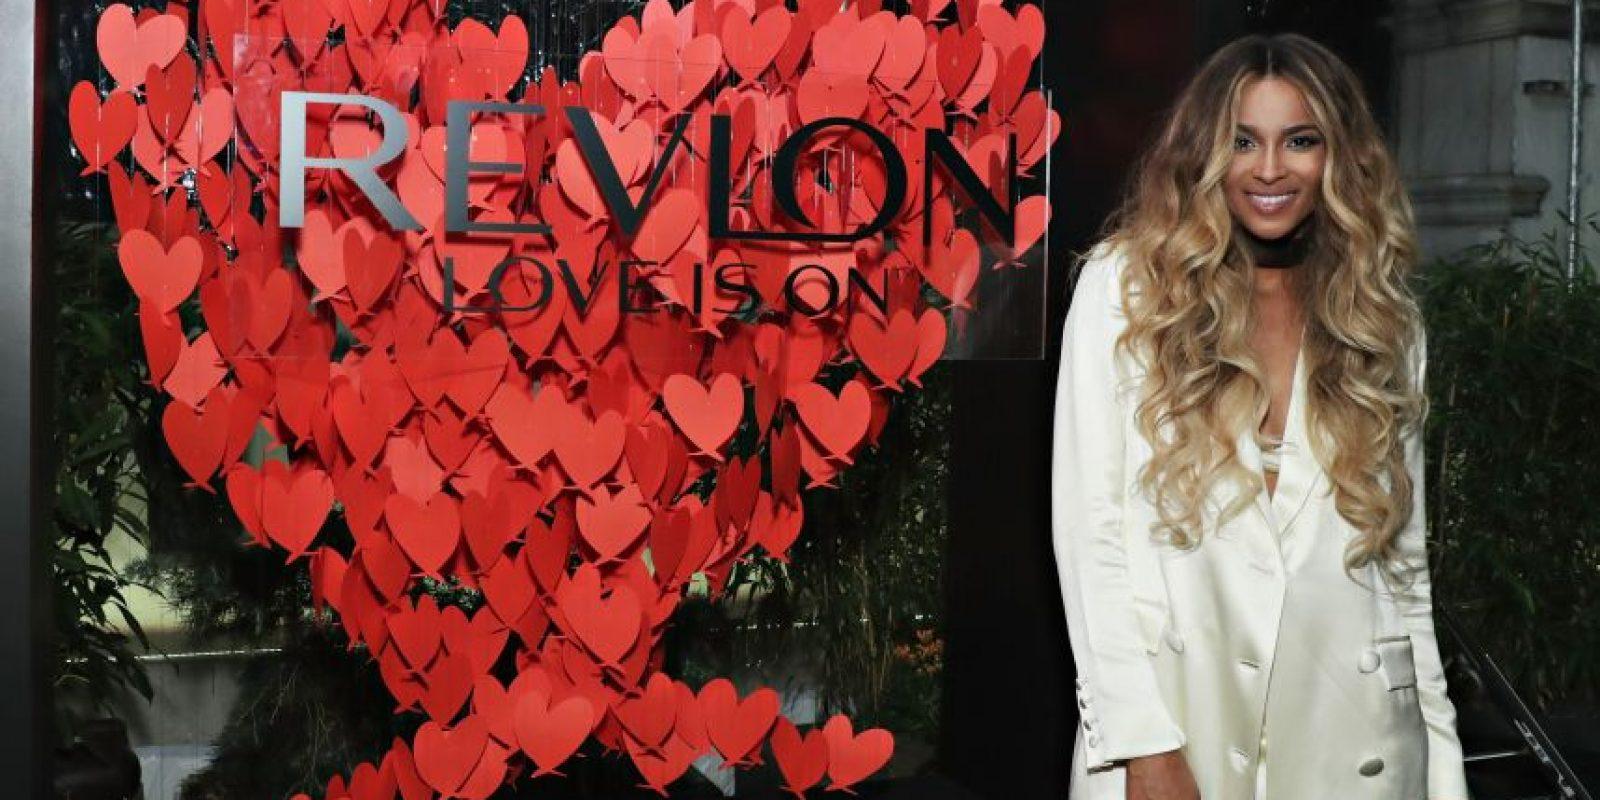 Ciara Foto:Revlon